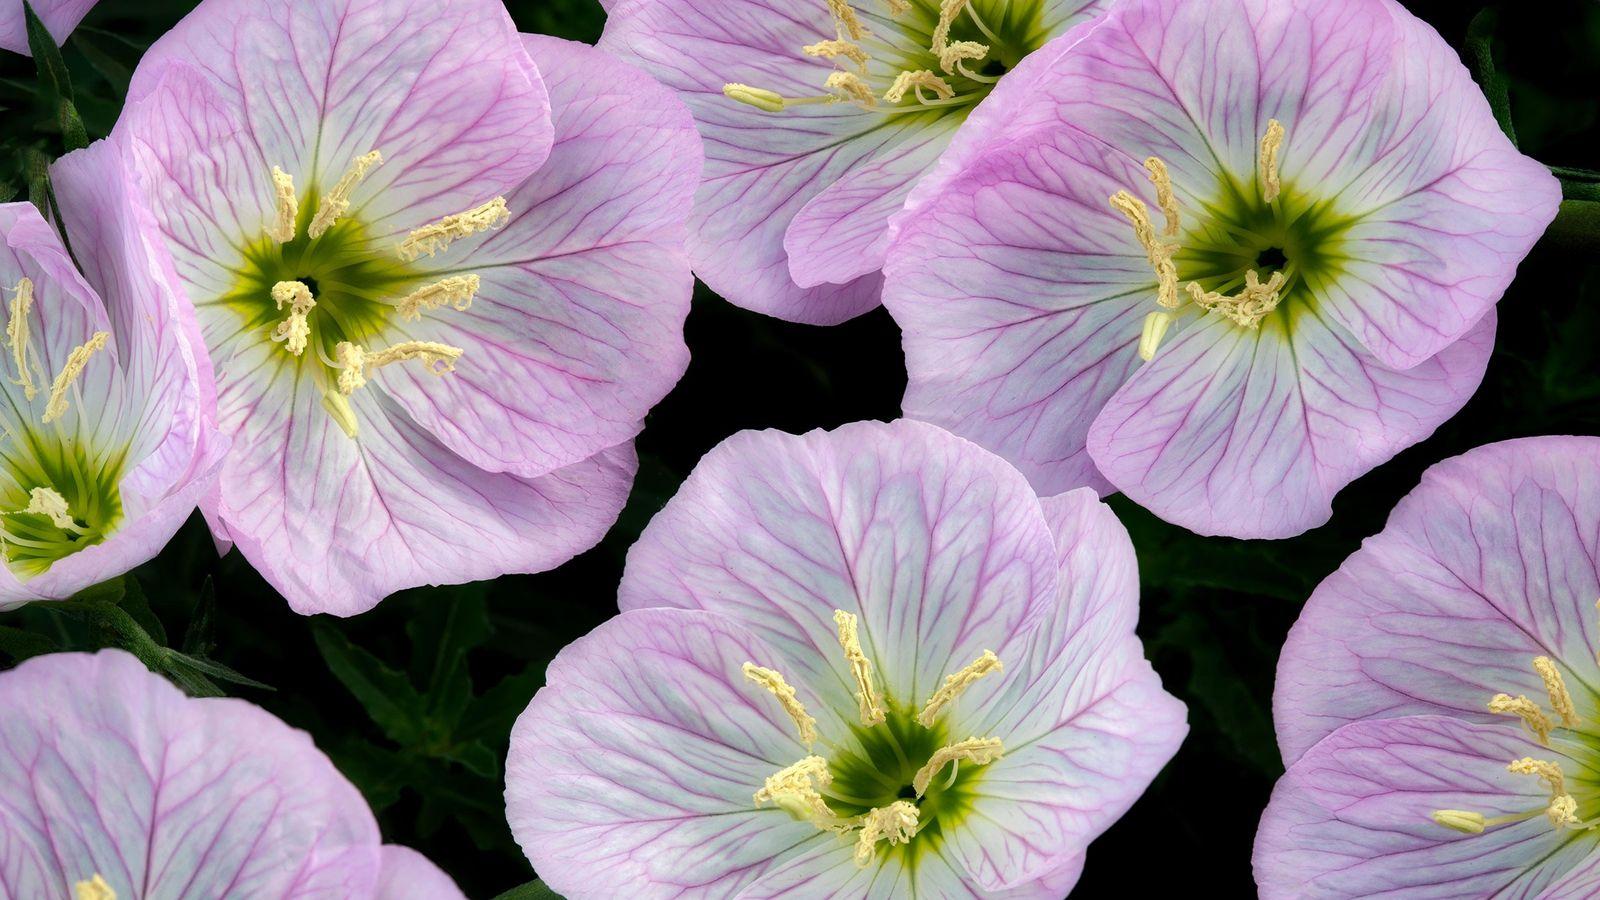 La forme en bol des fleurs de l'onagre bisannuelle serait la clef de leurs capacités acoustiques.